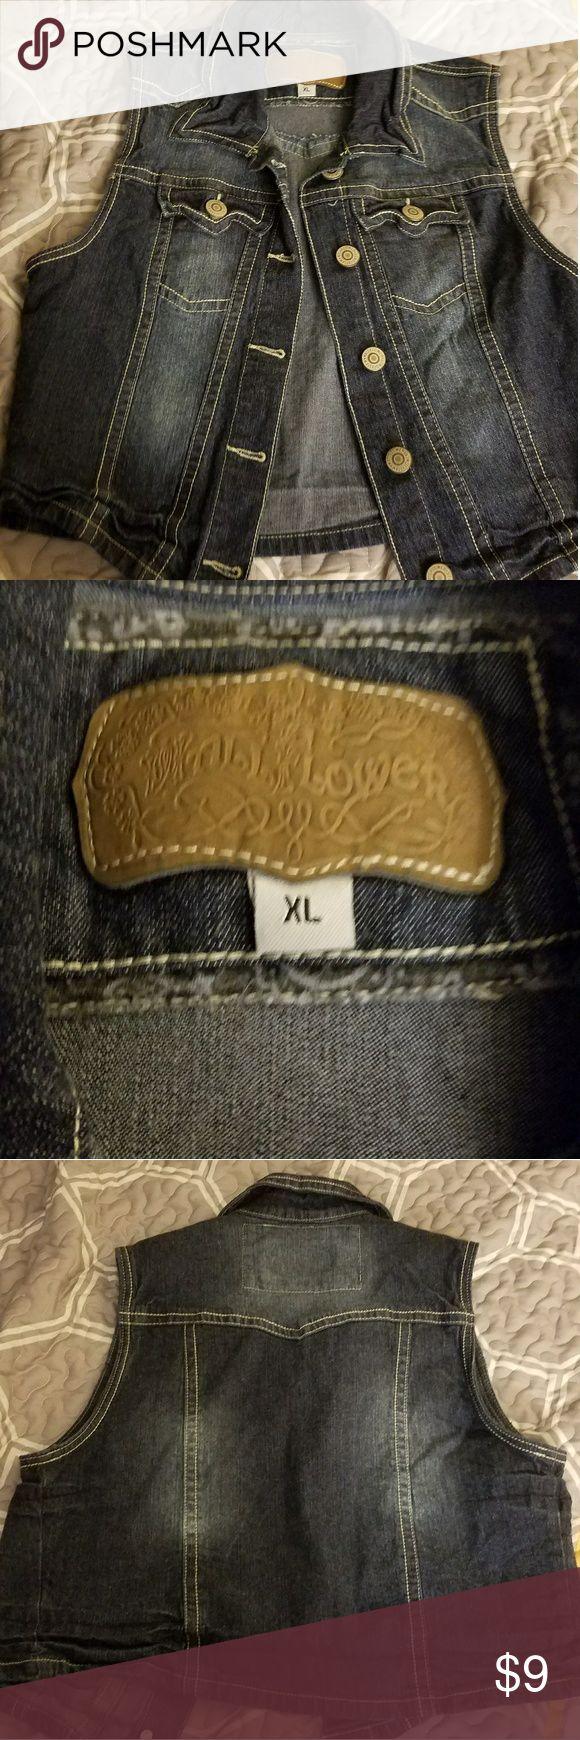 Jean jacket Wallflower jean jacket in dark blue. Very minimal wear so excellent condition. Wallflower Jeans